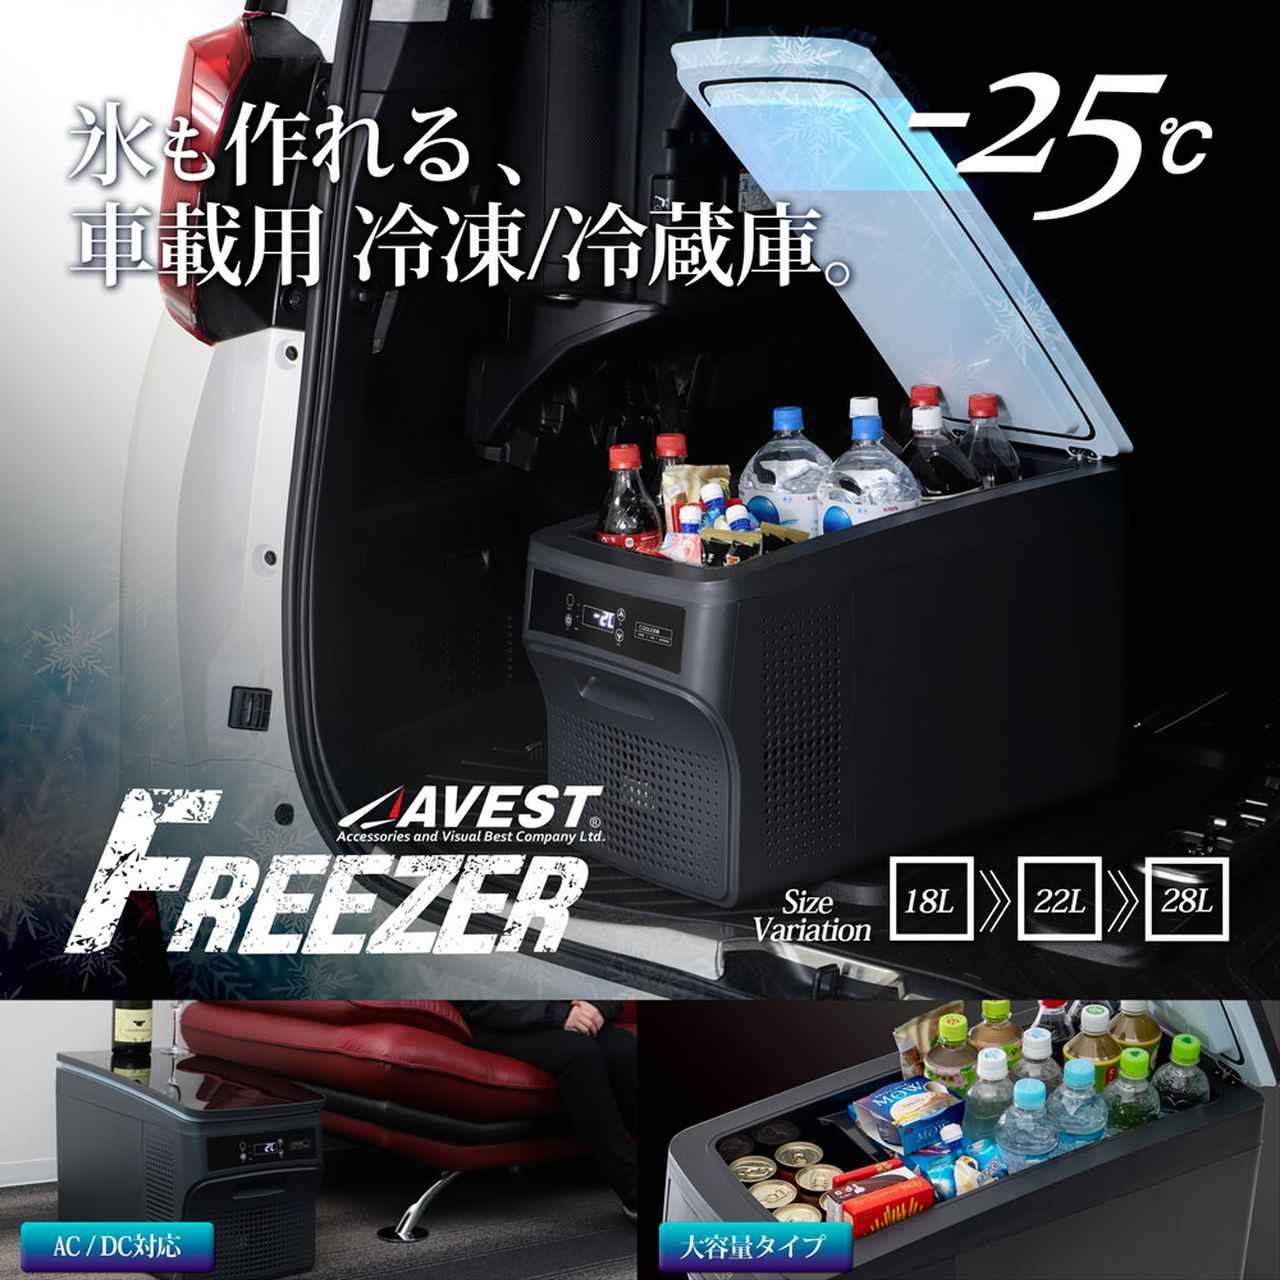 画像: 車載用ポータブル冷凍冷蔵庫 26リットル・32リットル・55リットル-AVEST オフィシャル通販サイト